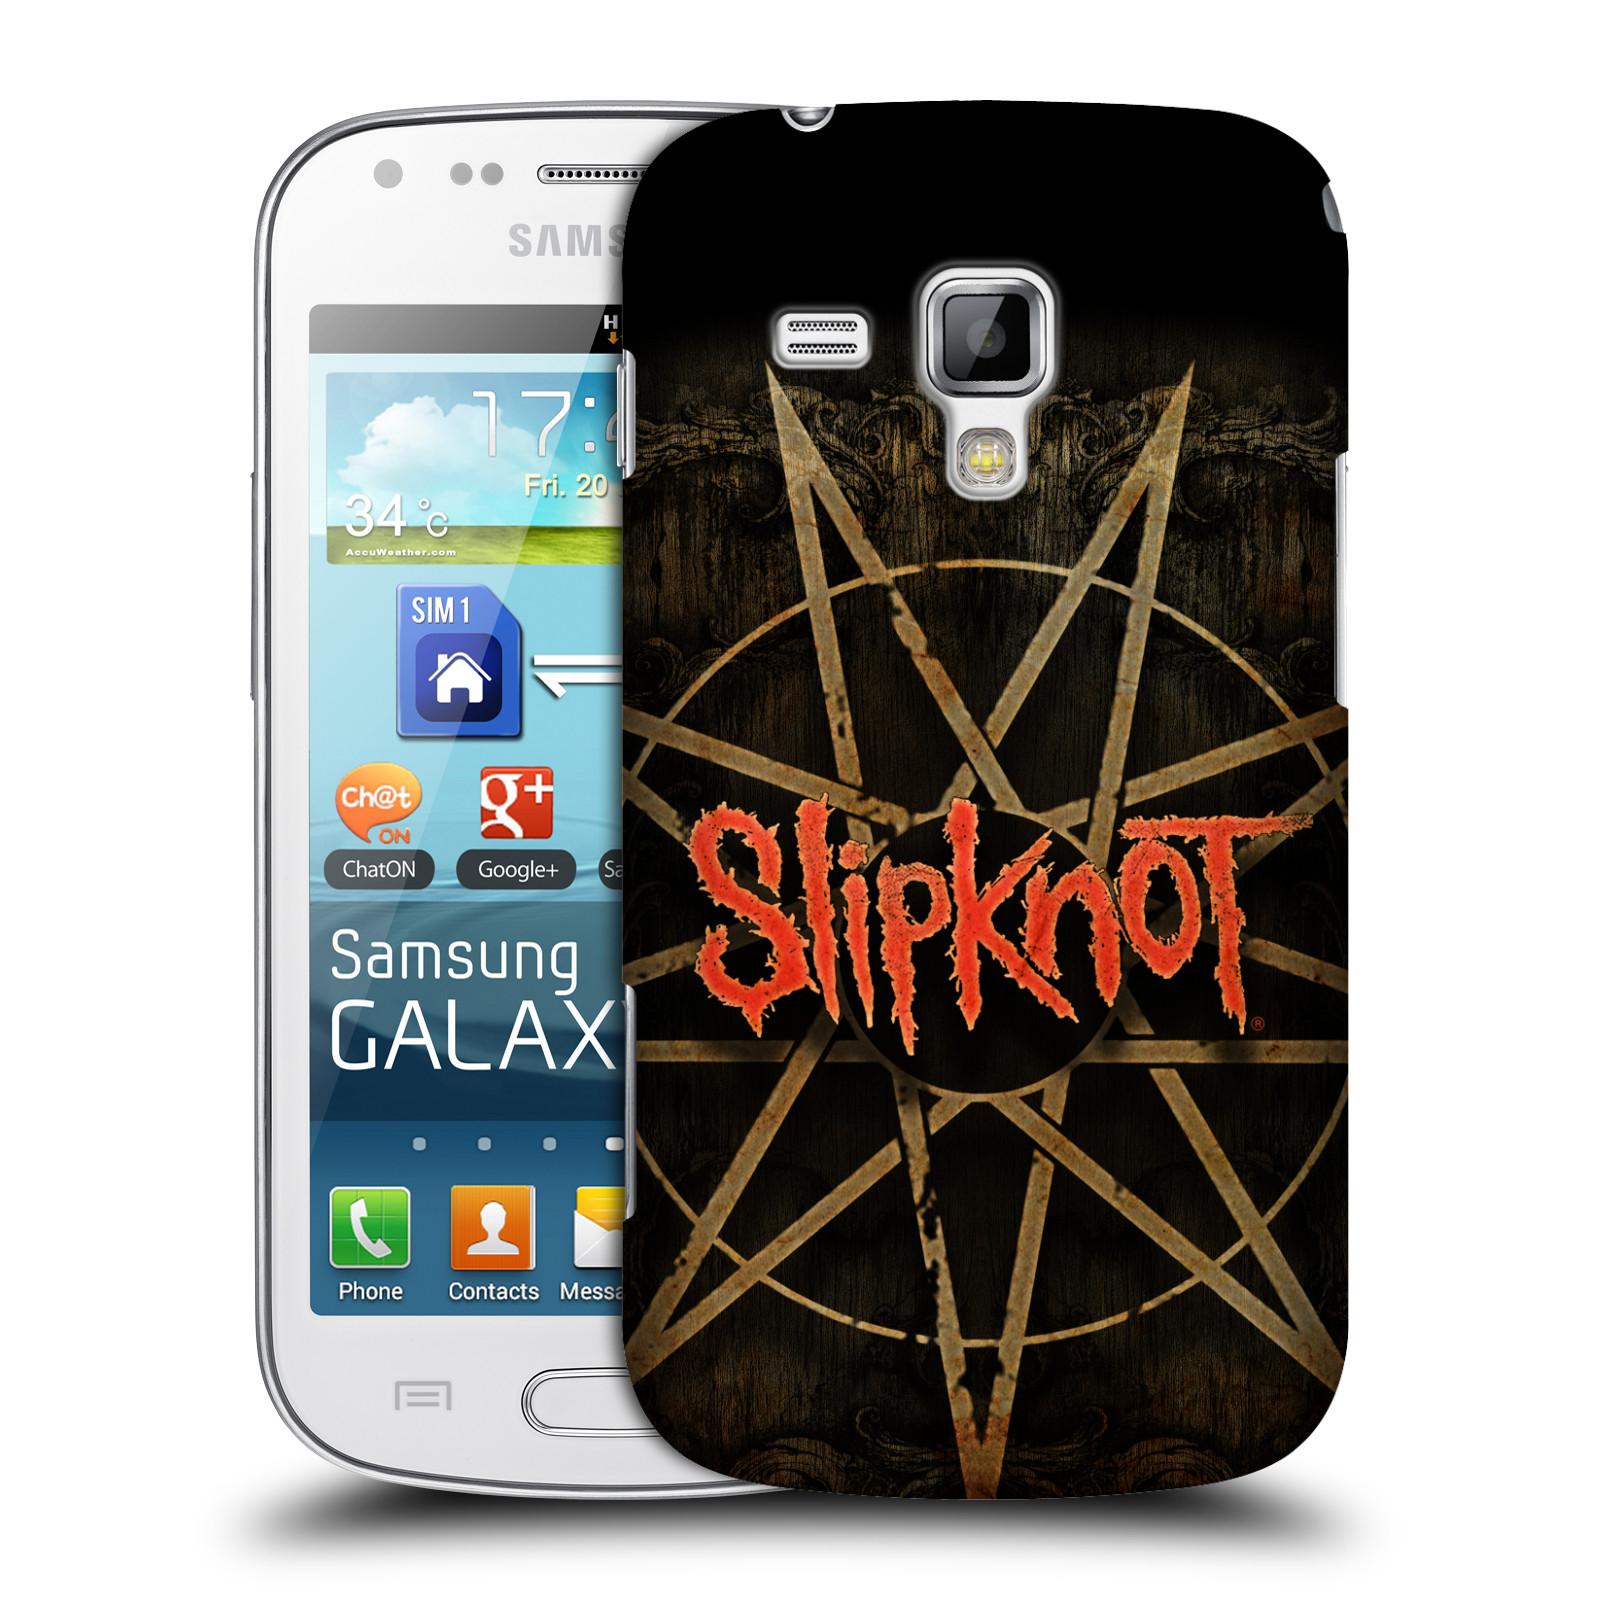 Plastové pouzdro na mobil Samsung Galaxy Trend Plus HEAD CASE Slipknot - Znak (Plastový kryt či obal na mobilní telefon licencovaným motivem Slipknot pro Samsung Galaxy Trend Plus GT-S7580)